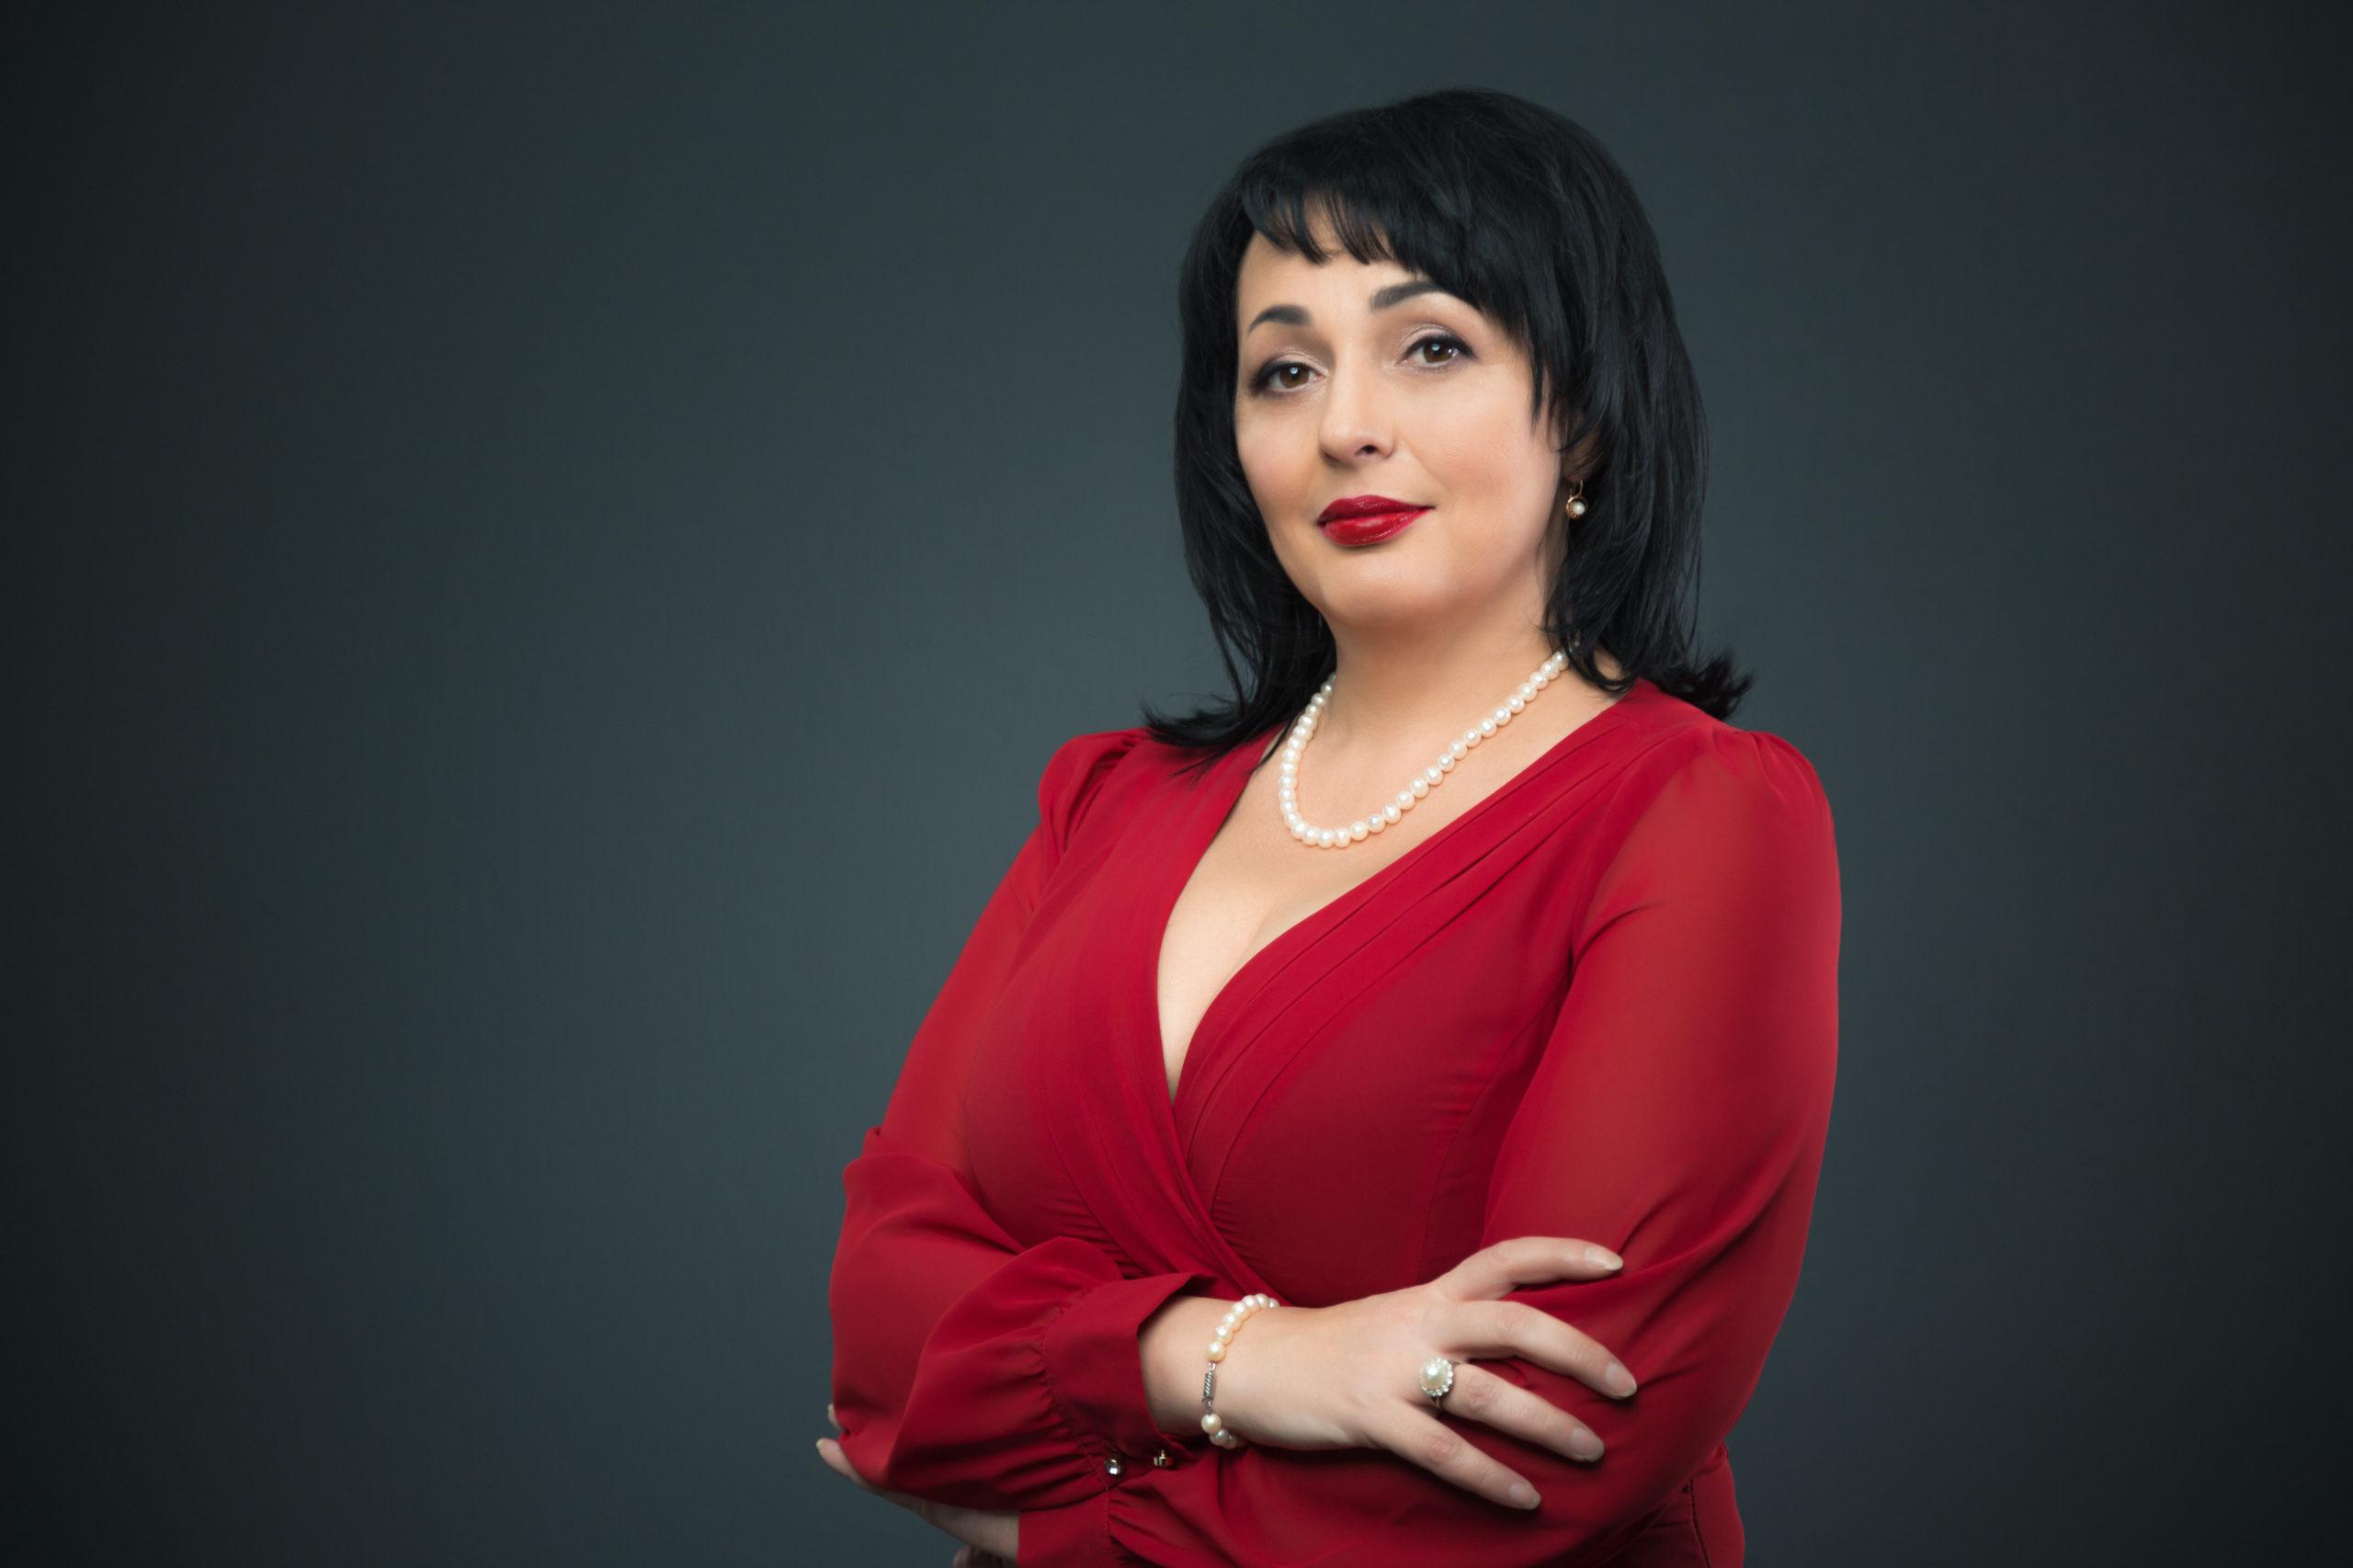 Людмила Аржанникова